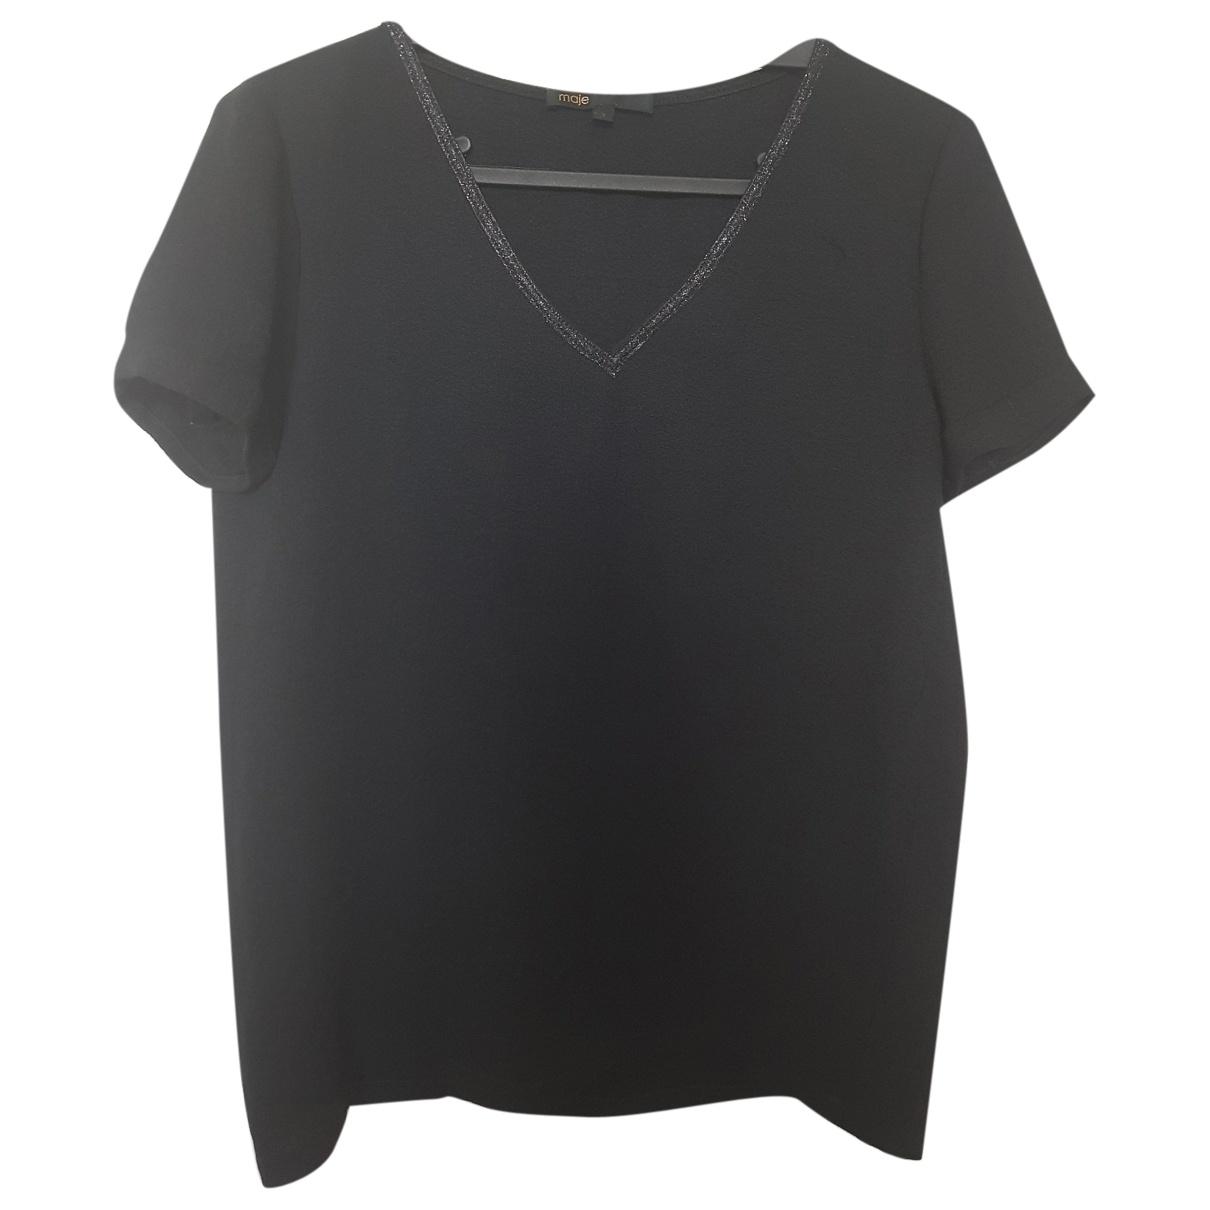 Maje - Top   pour femme - gris